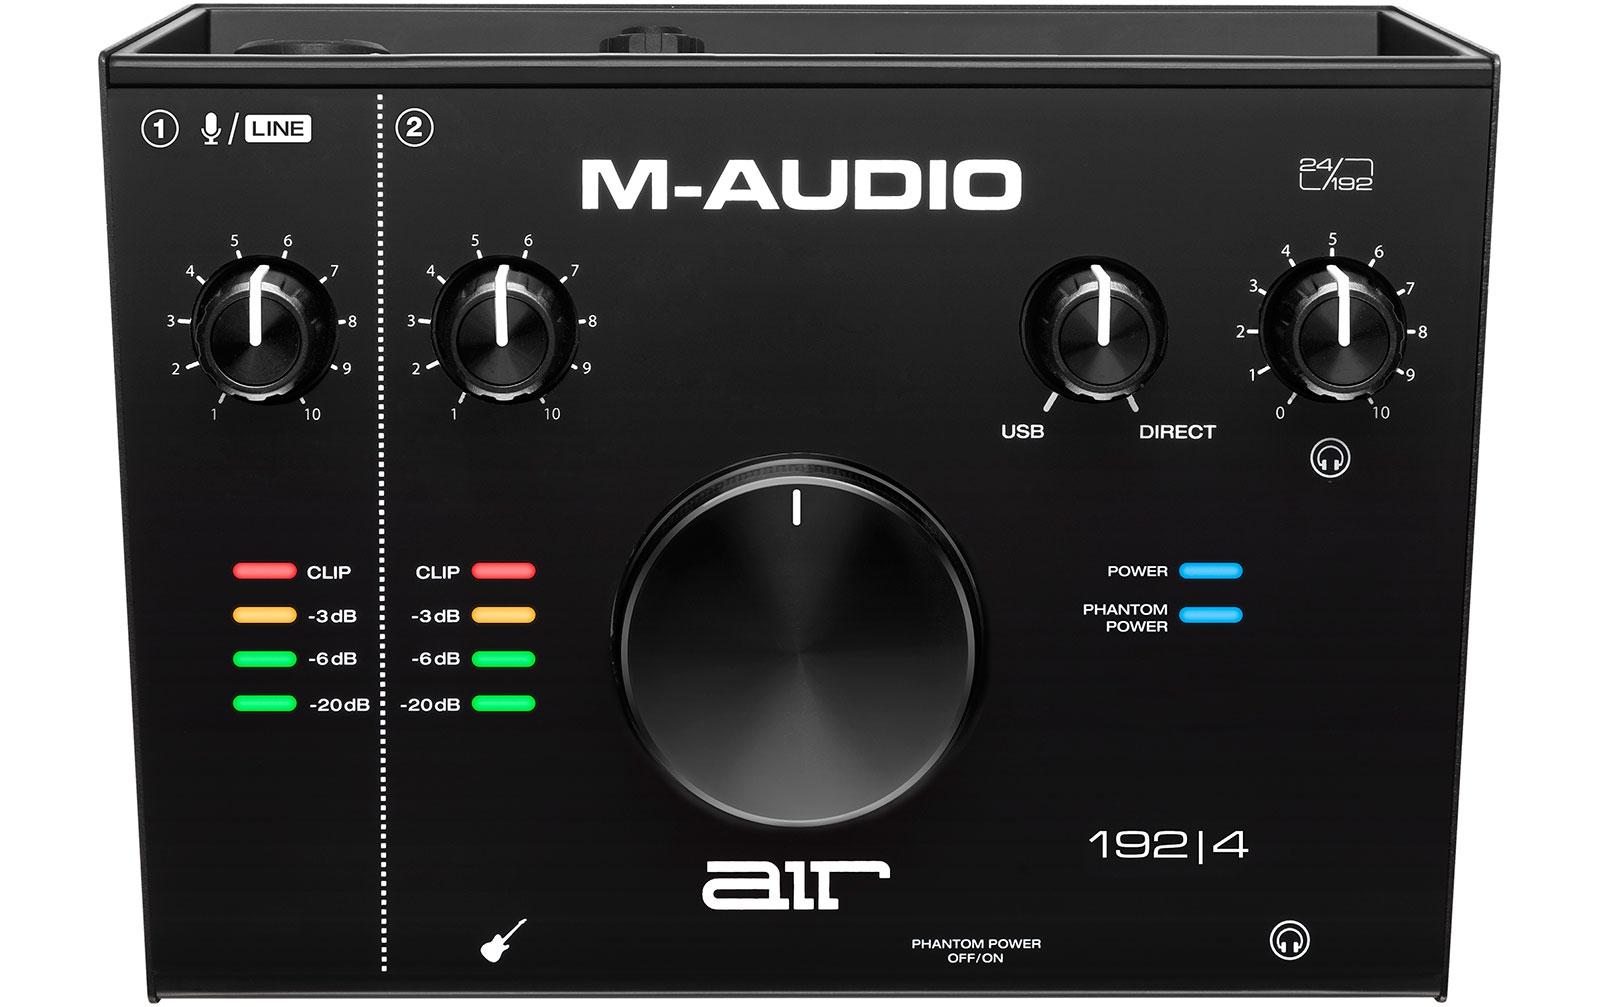 m-audio-air-192x4